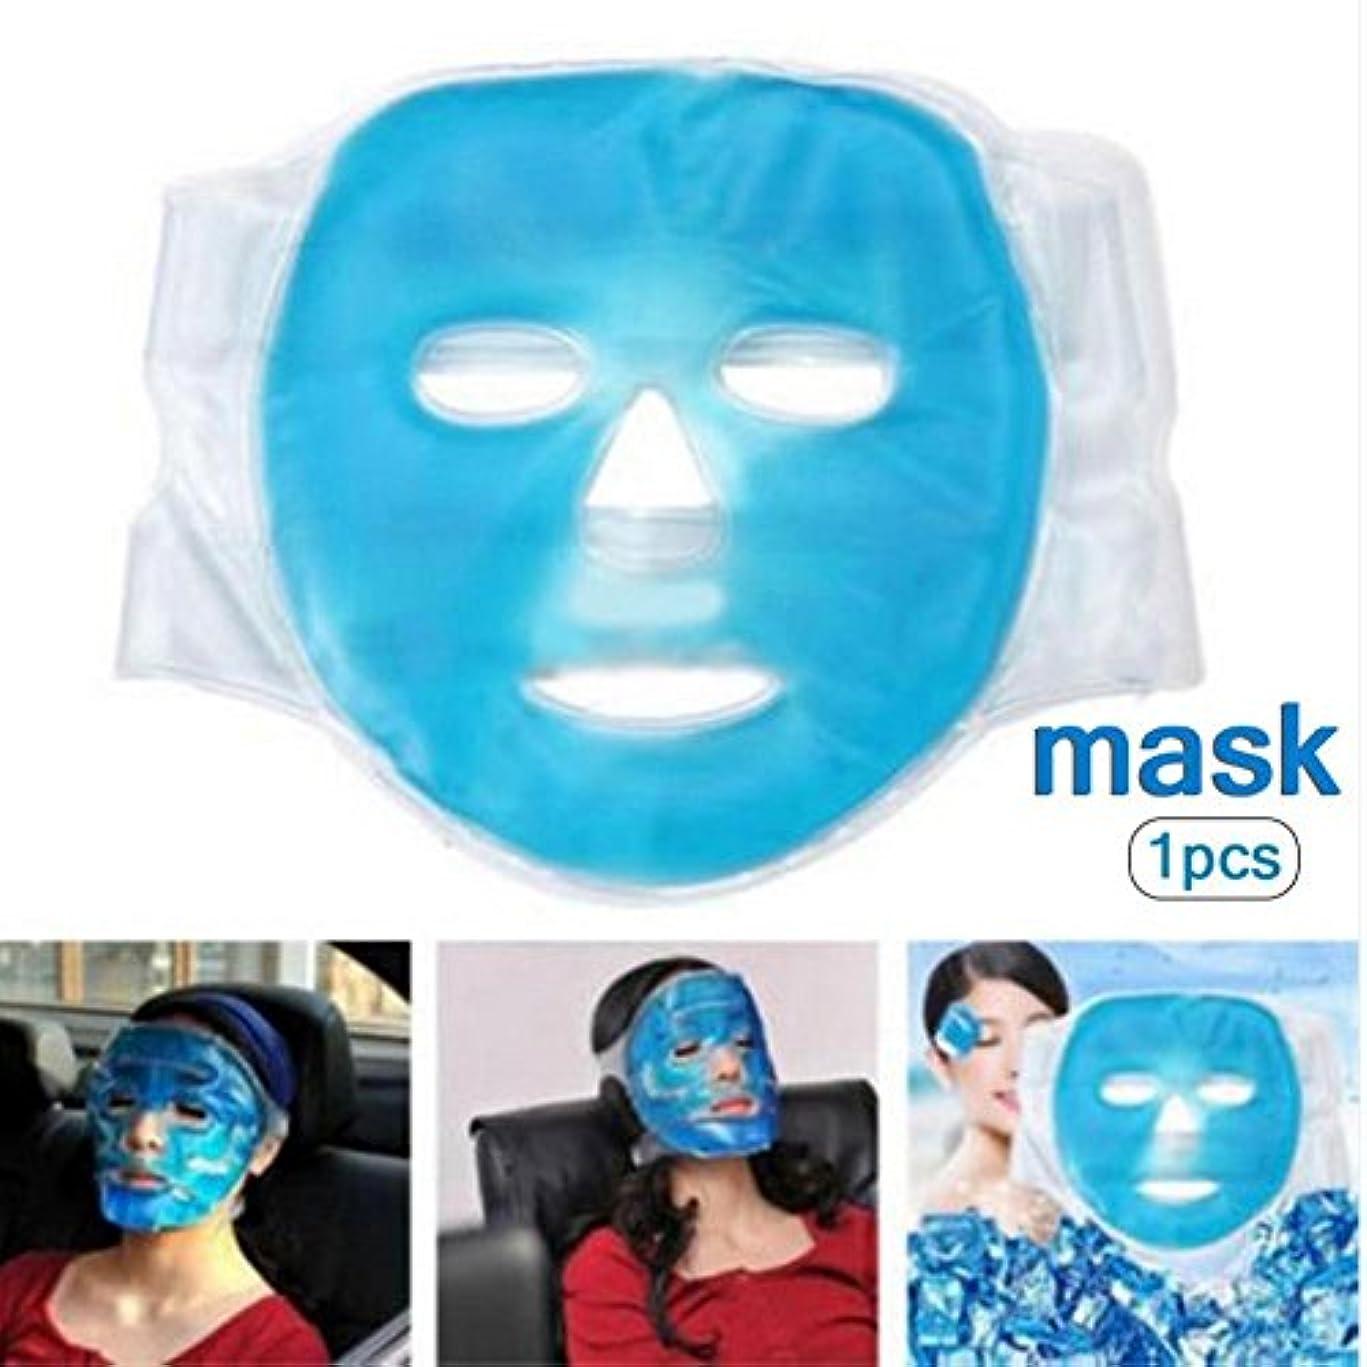 地区オフいいねSILUN フェイスマスク 冷温兼用 美容用 再利用可能 毛細血管収縮 肌ケア 保湿 吸収しやすい 美容マッサージ アイスマスク